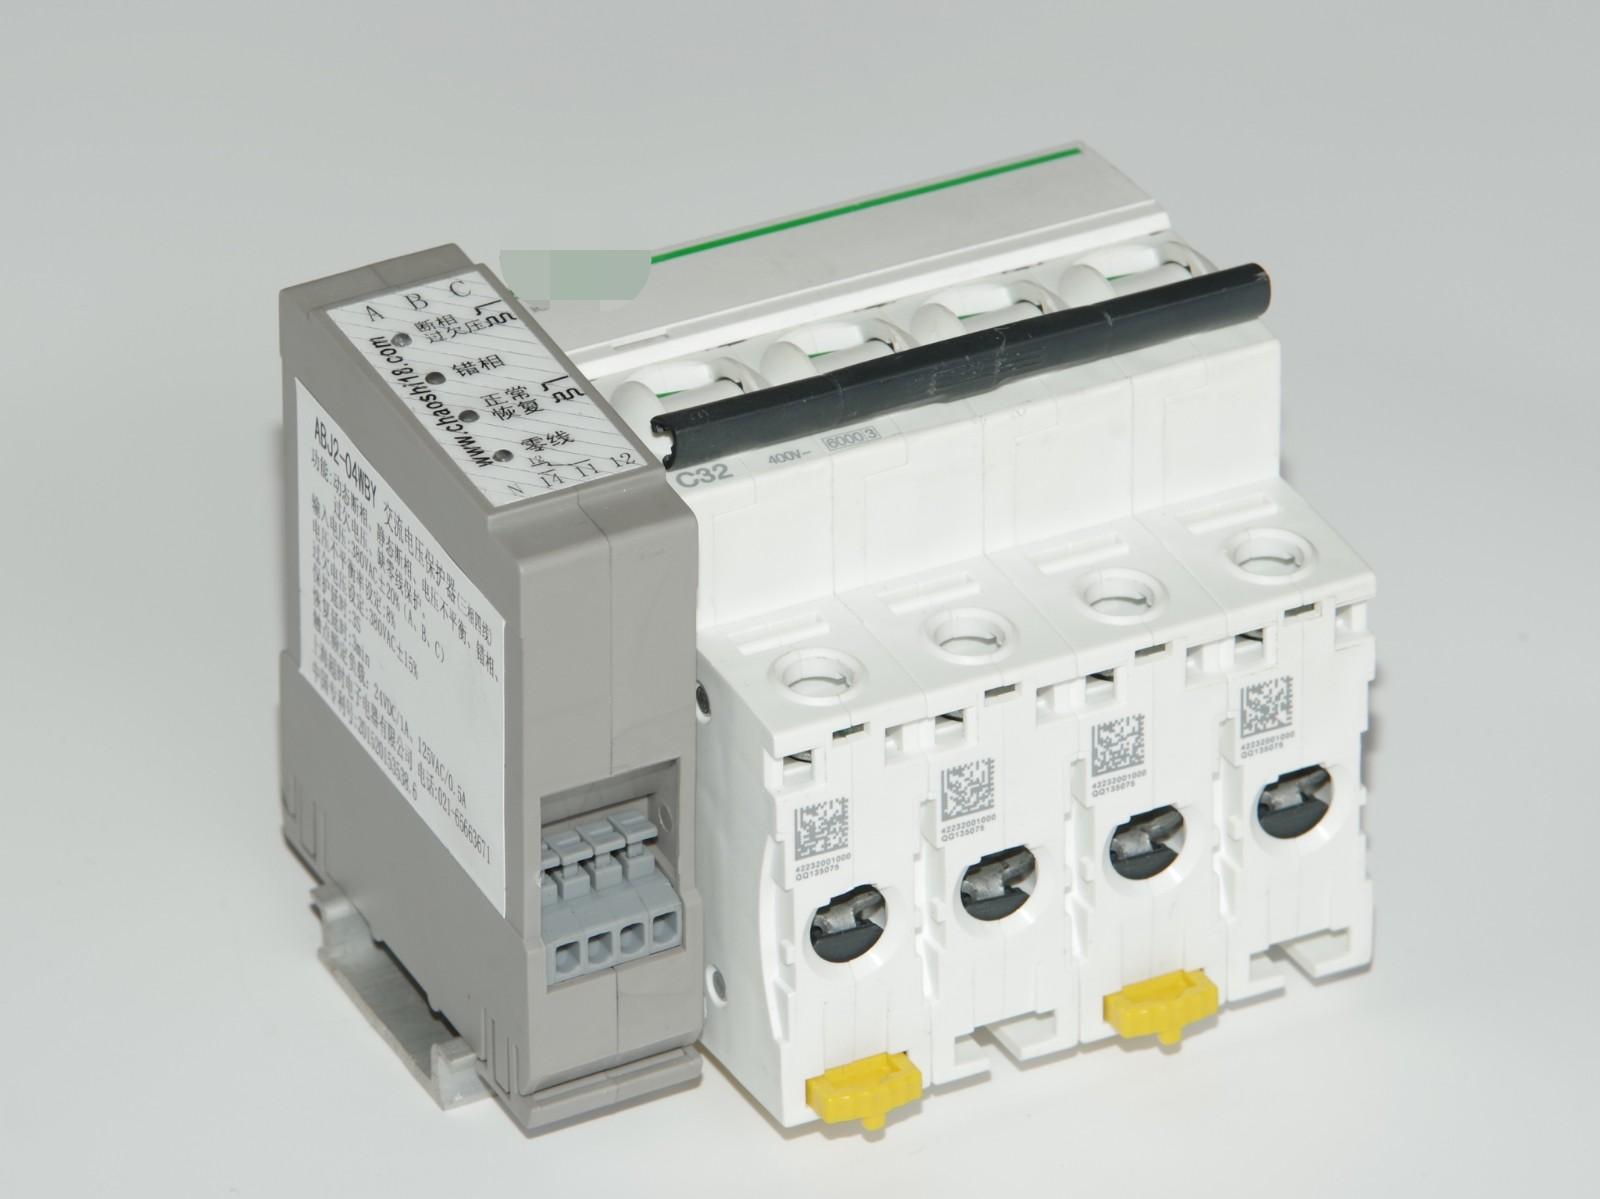 上海超时电子电器原厂 ABJ2-04W 三相四线交流电压保护器(家用工业通用)